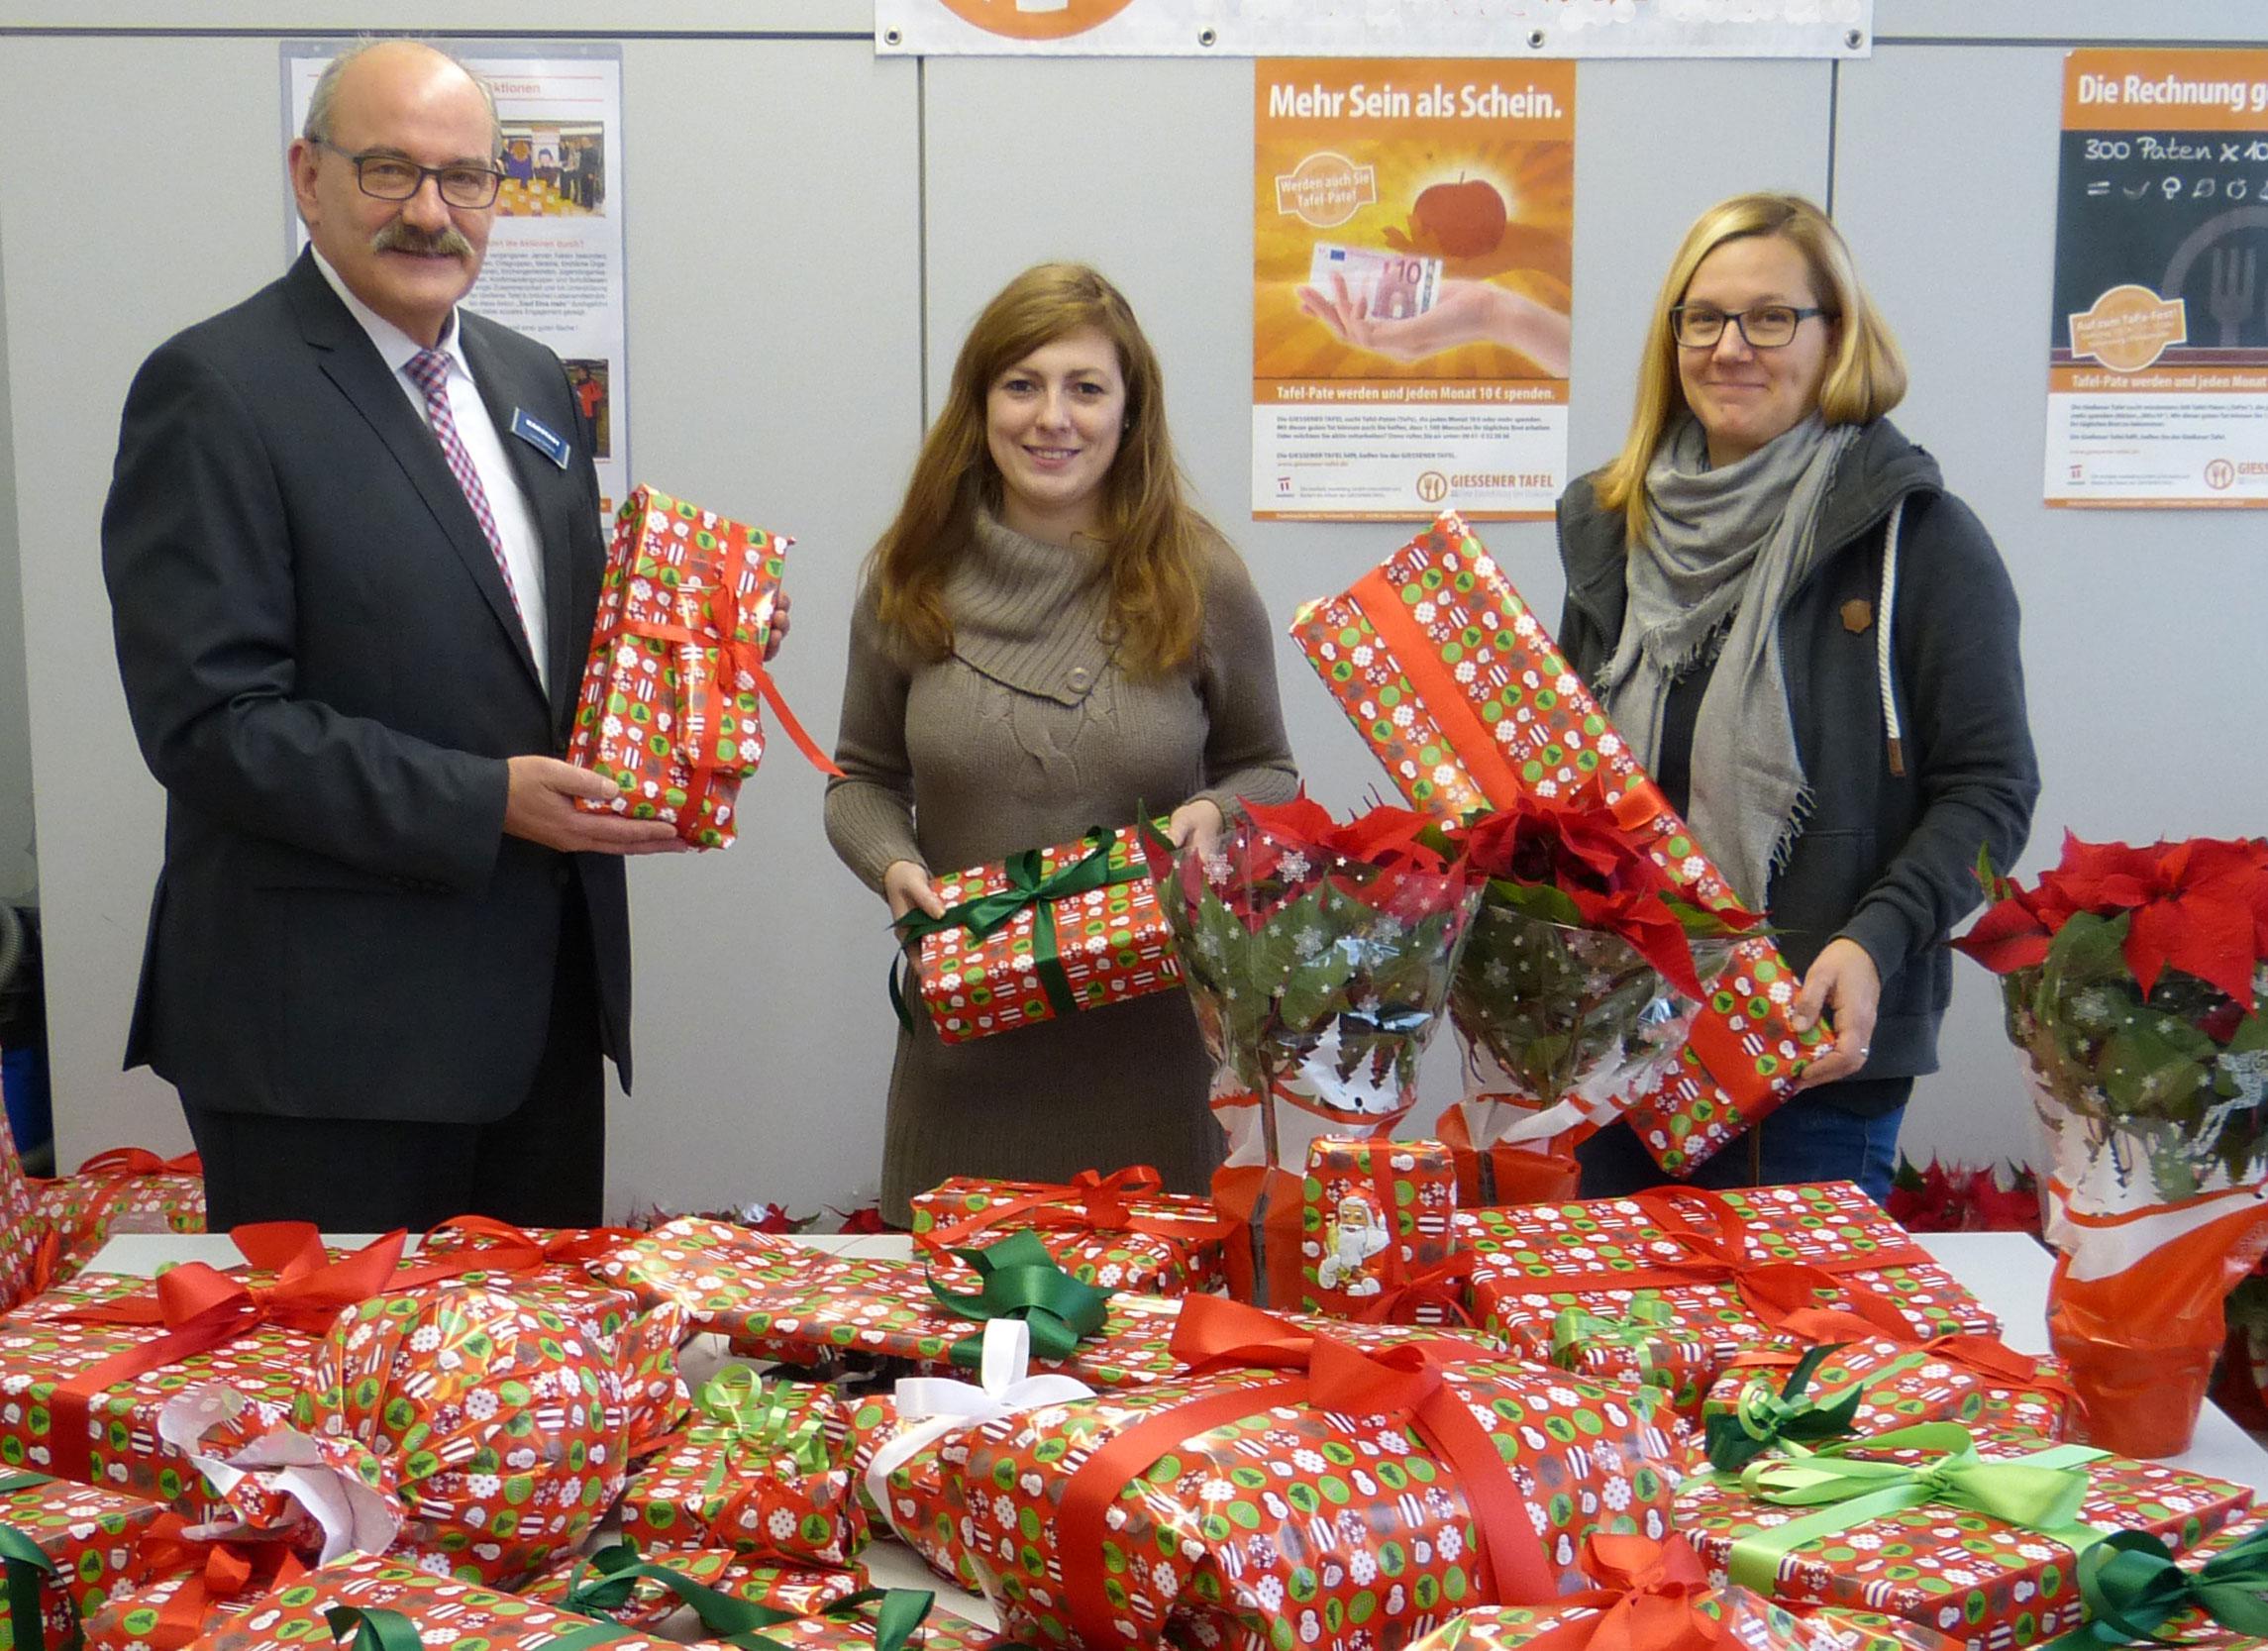 Karstadt-Geschäftsführer Lothar Schmidt (l.) und Michaela Thurner (r.) übergeben 160 Geschenke an Anna Conrad (M.)